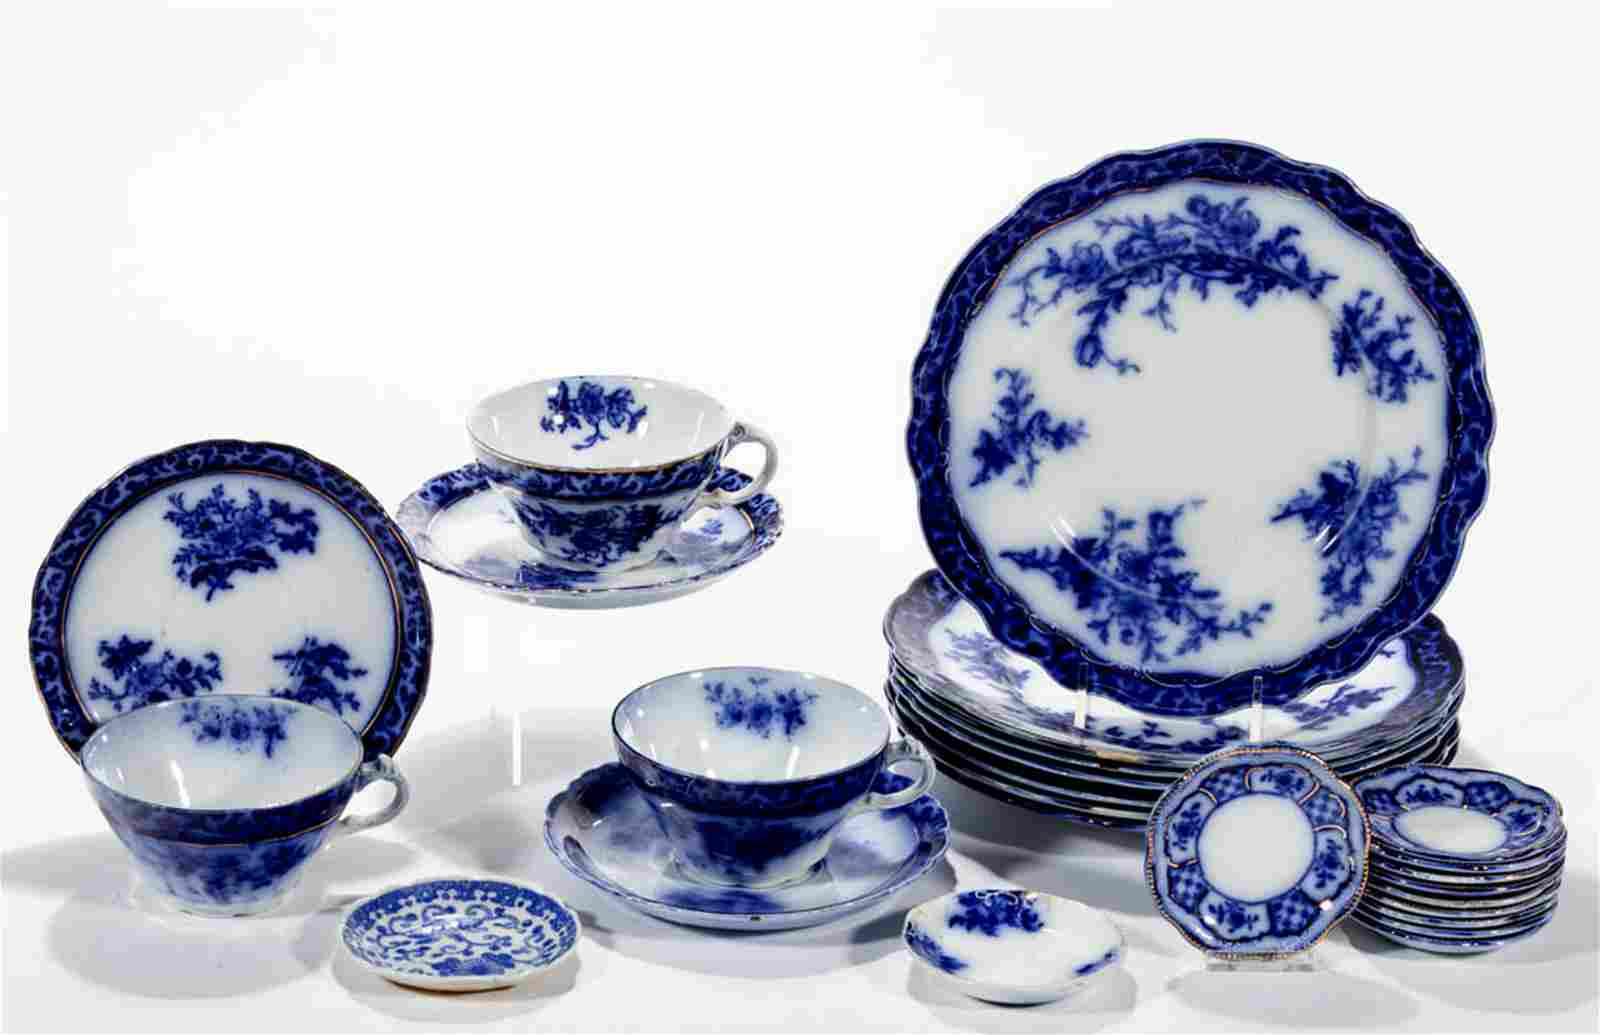 ENGLISH STAFFORDSHIRE FLOW BLUE TRANSFER-PRINTED